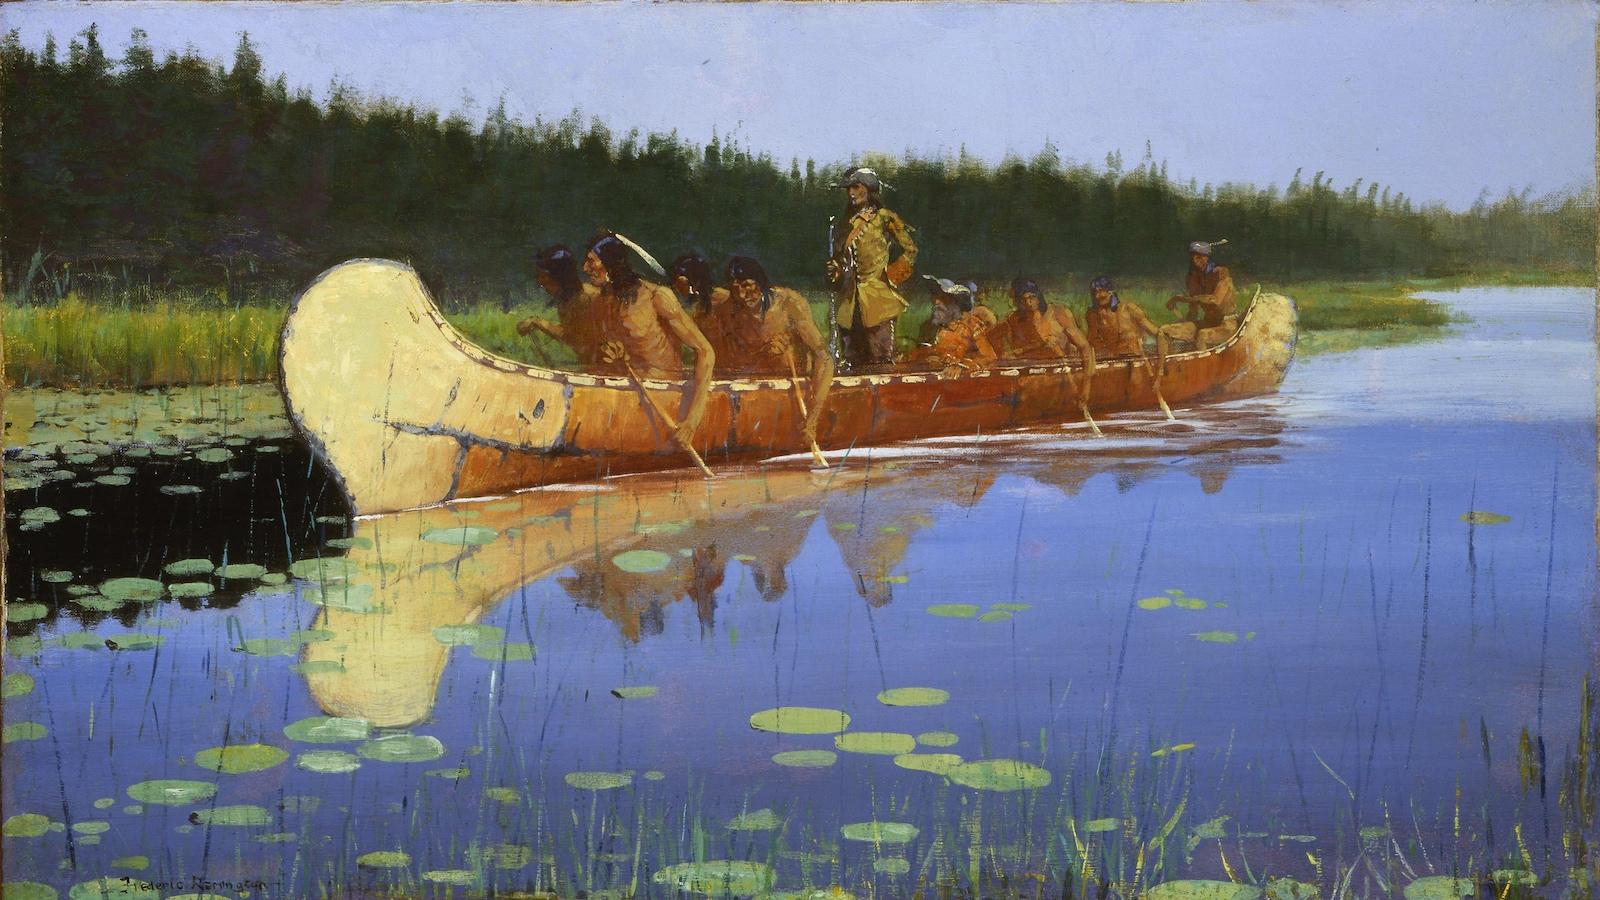 Pierre-Esprit Radisson accompagné d'Autochtones dans un canot lors d'une expédition dans les Grands Lacs.